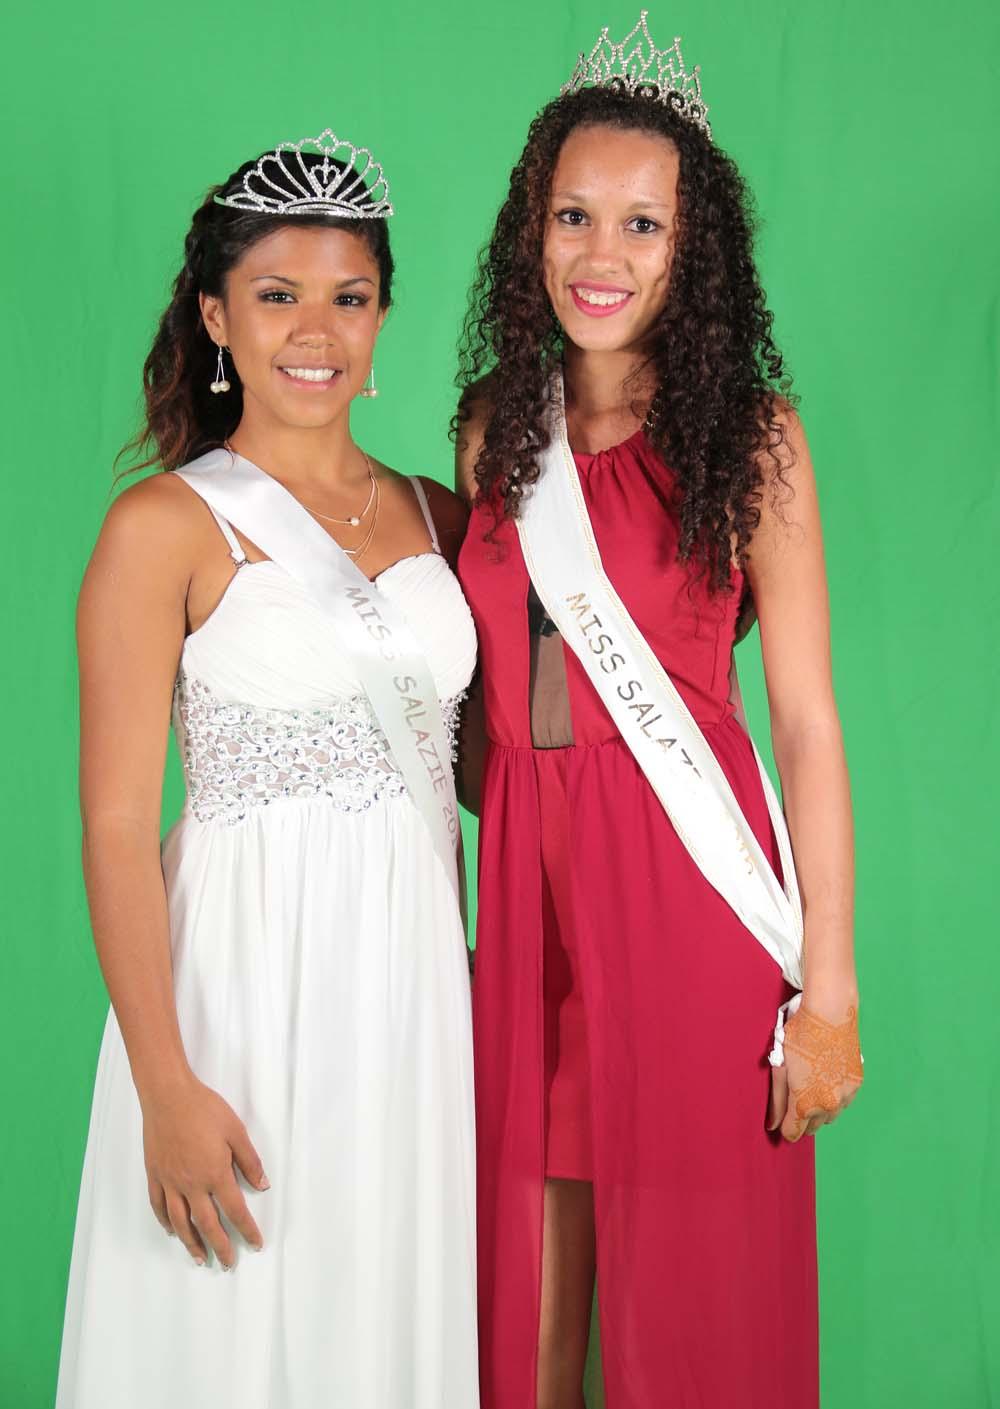 Miss Salazie 2016 et Miss Salazie 2015